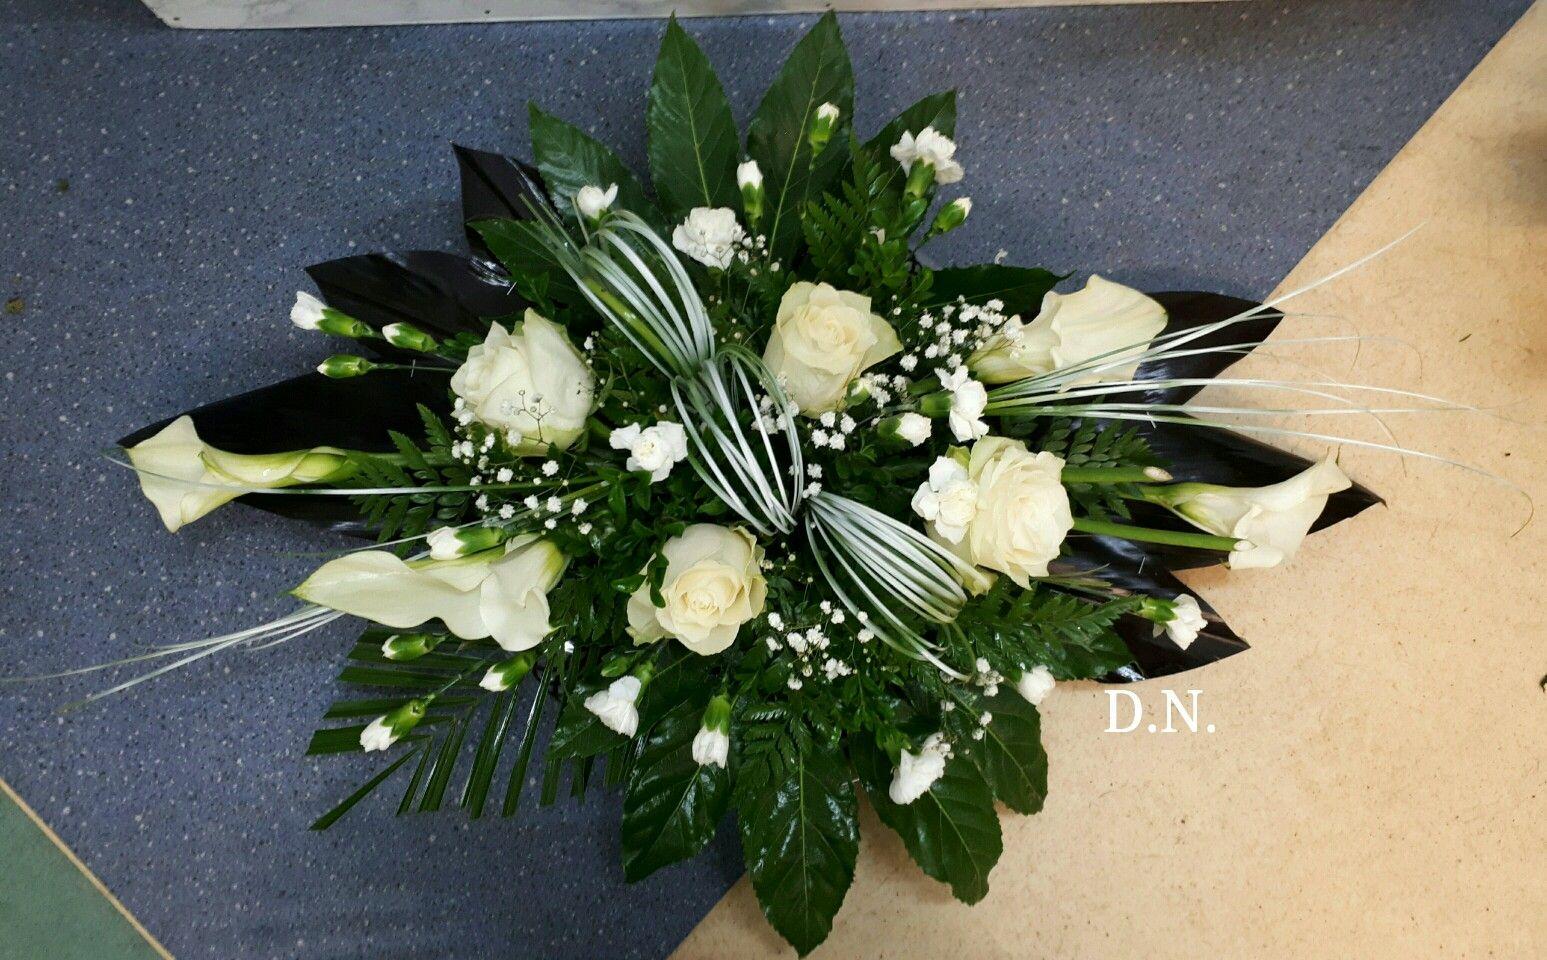 White Flower Flower Arrangements Floral Arrangements Diy Sympathy Flowers